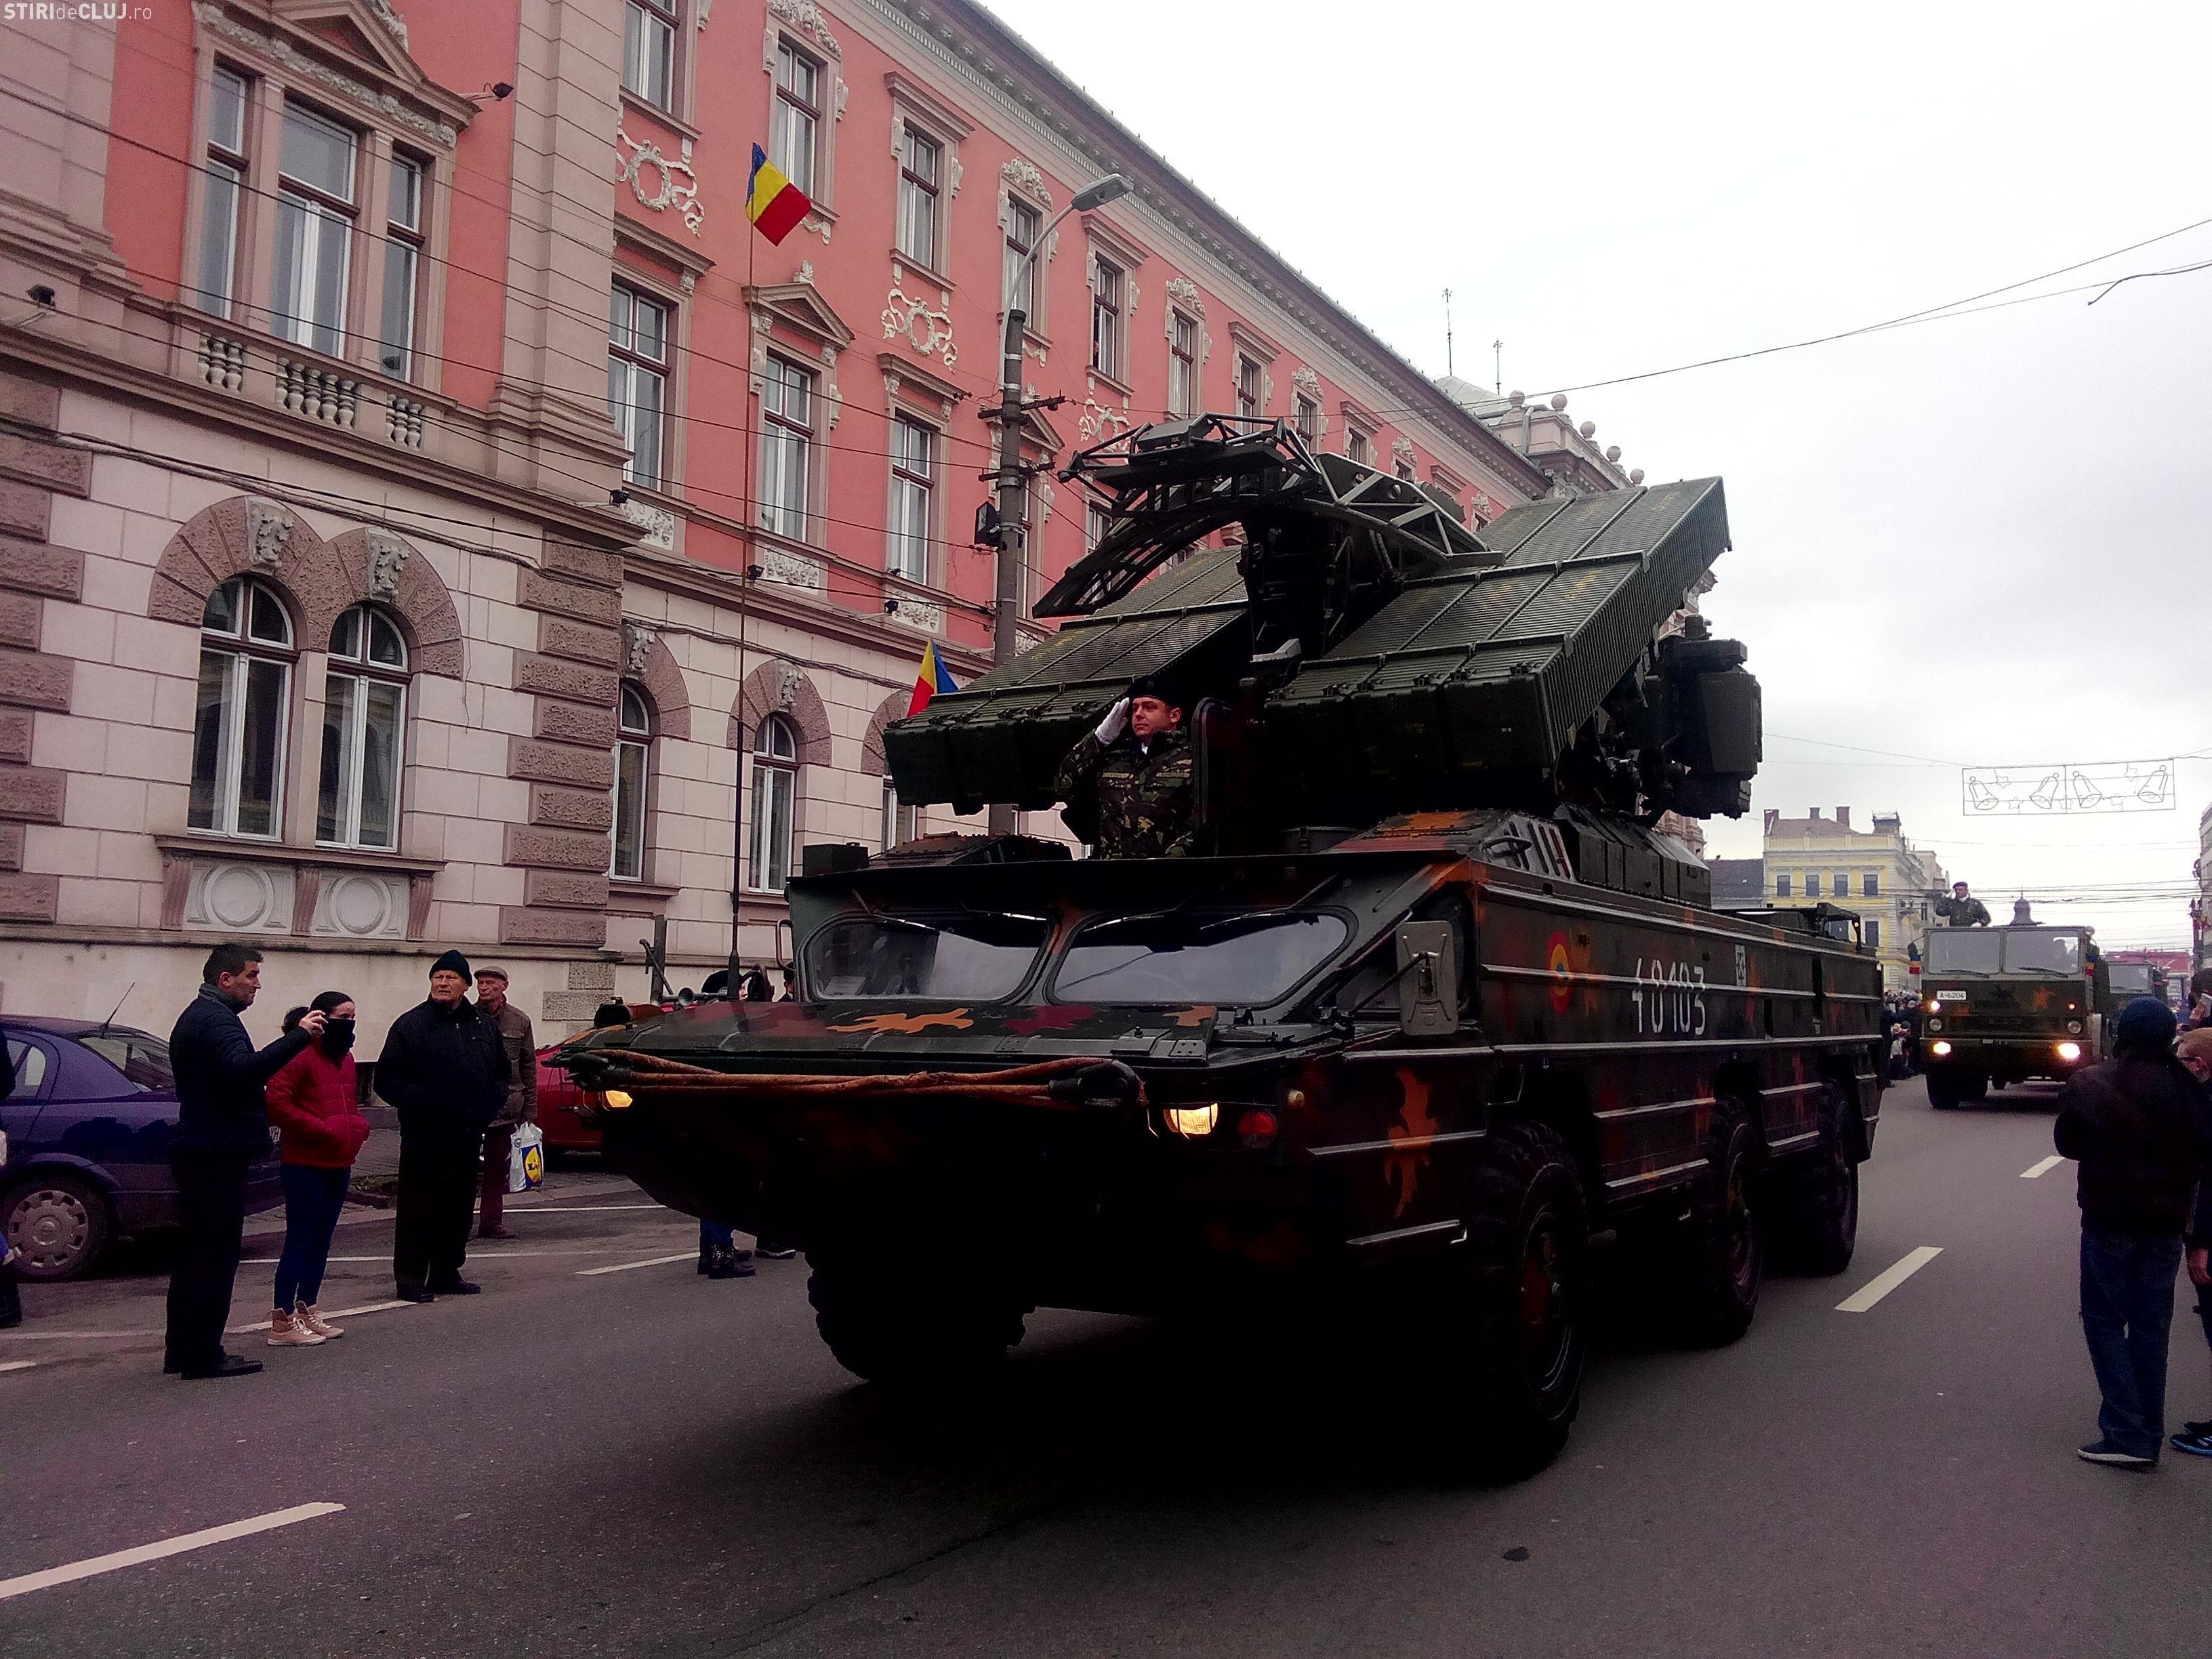 1 Decembrie la Cluj-Napoca: Defilare în Piața Avram Iancu. Dronele sunt interzise